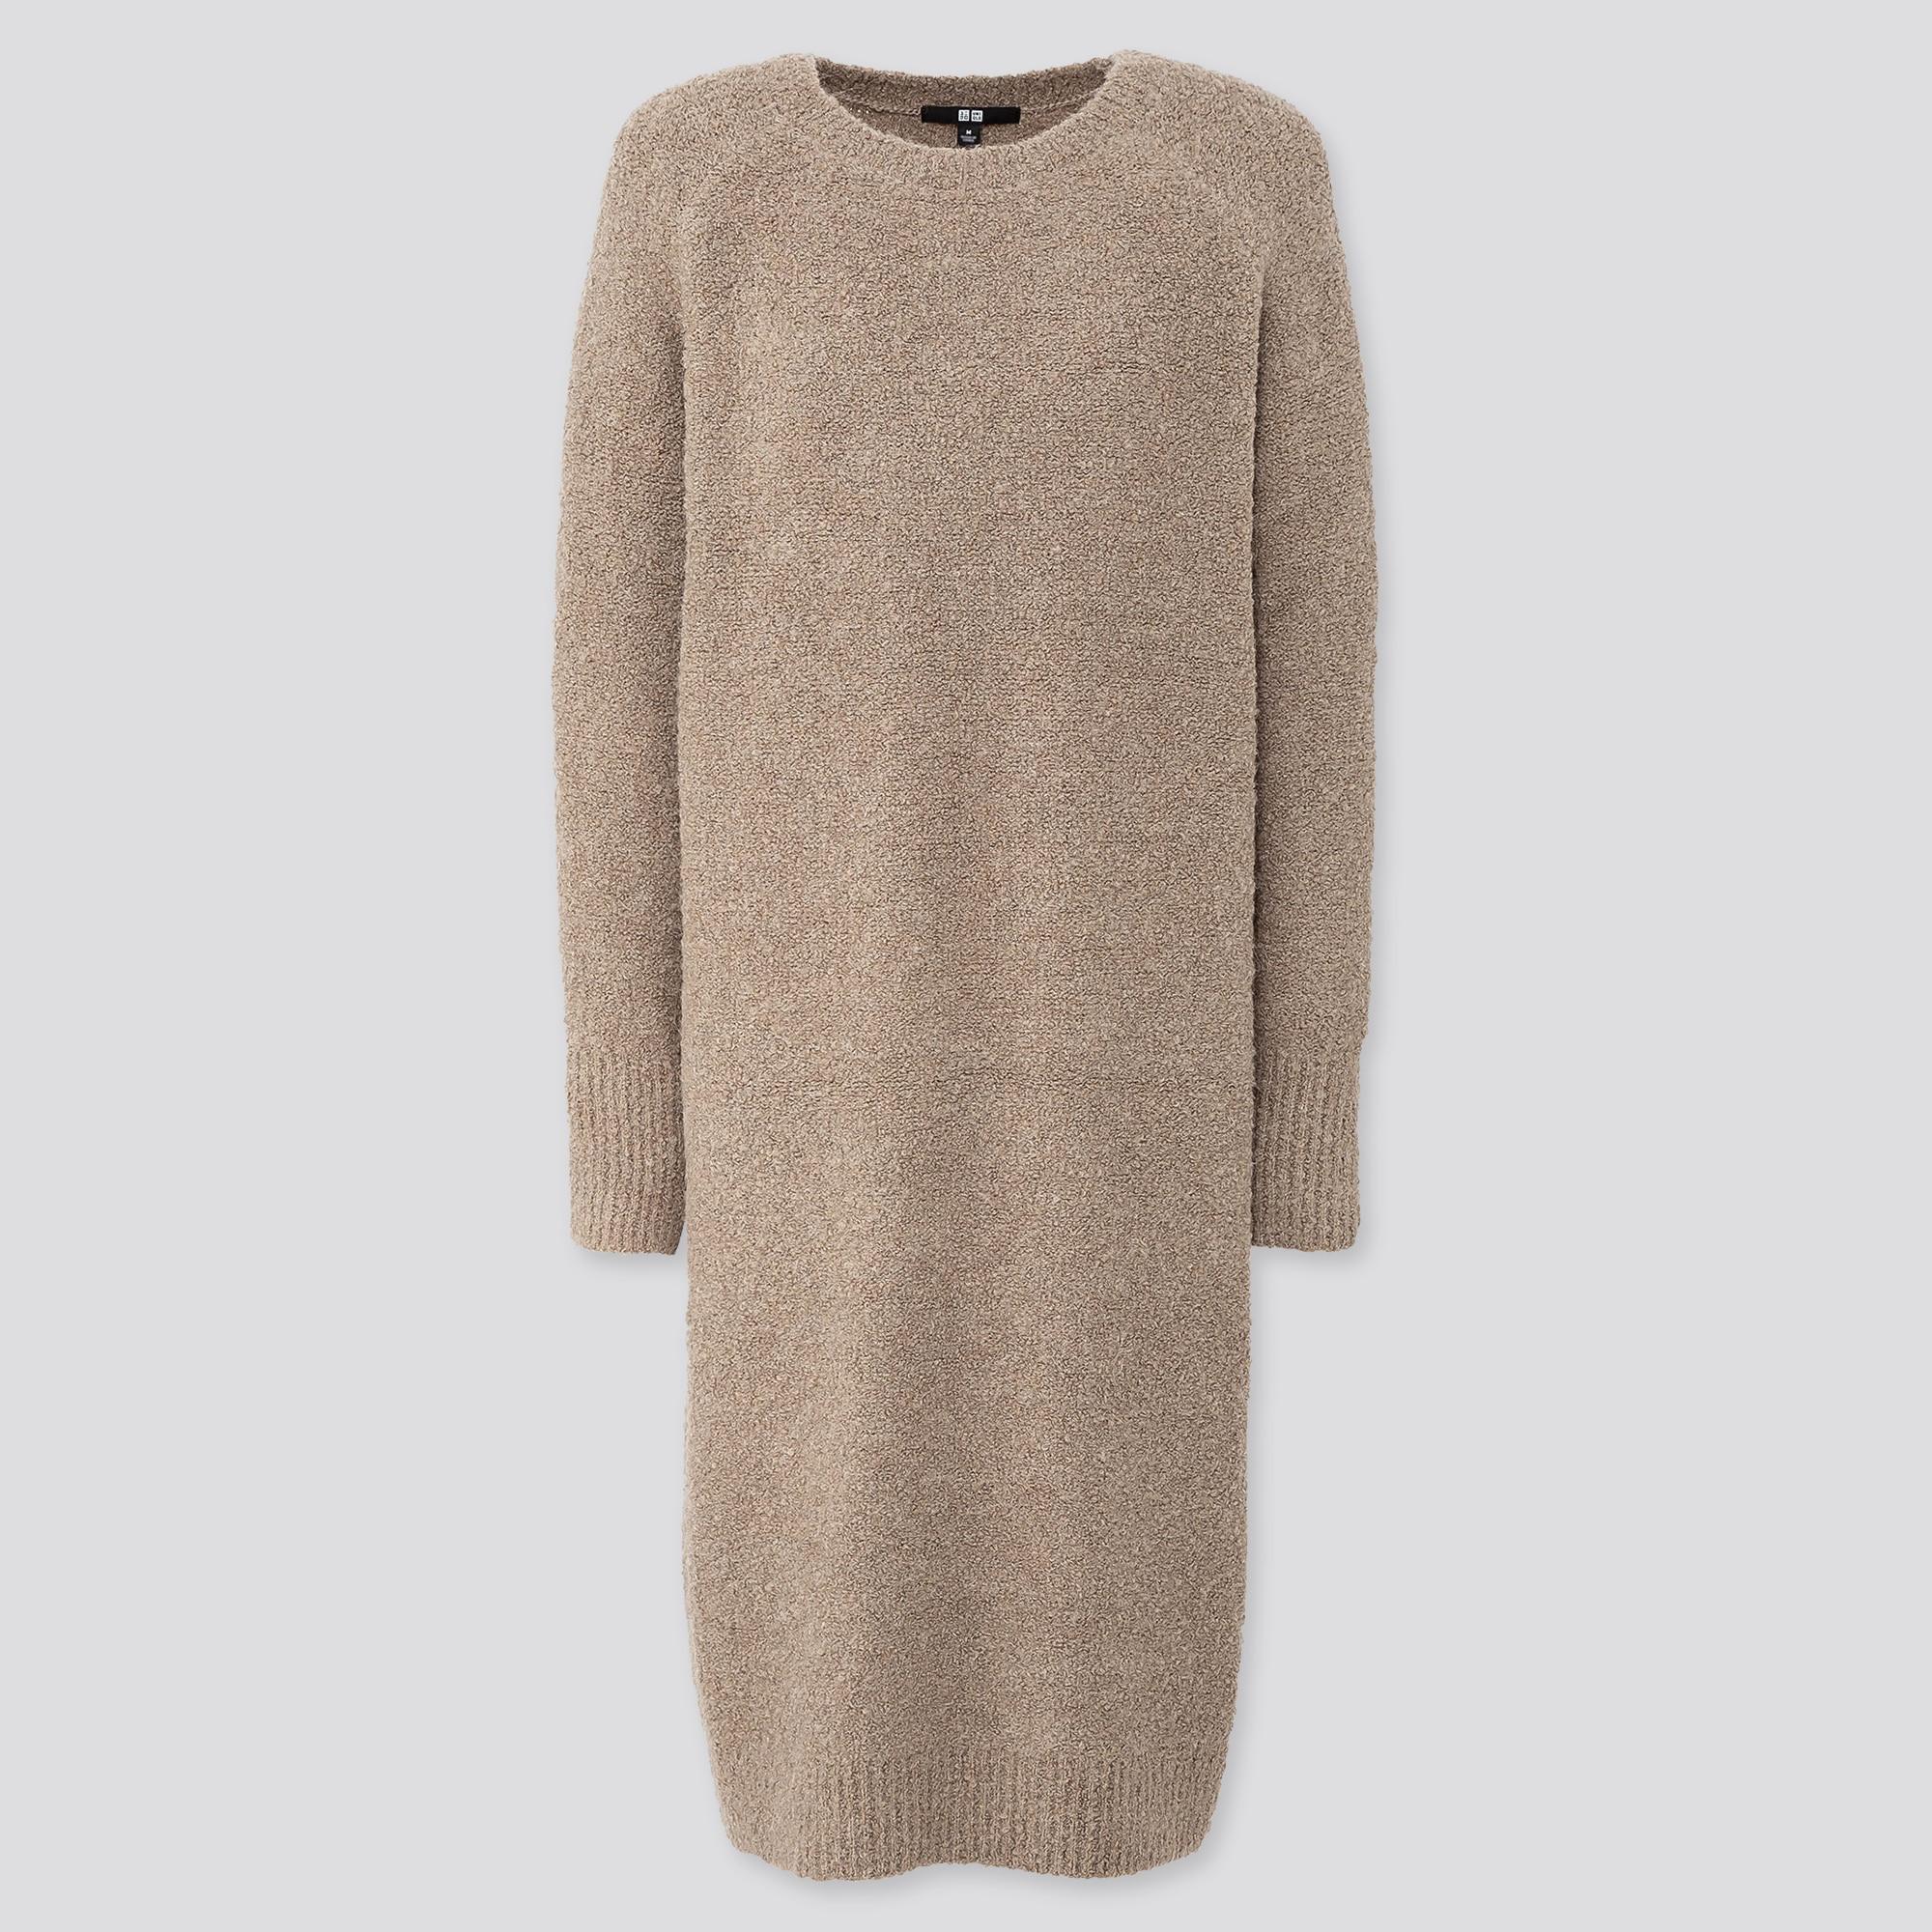 WOMEN BOUCLE KNIT LONG-SLEEVE DRESS